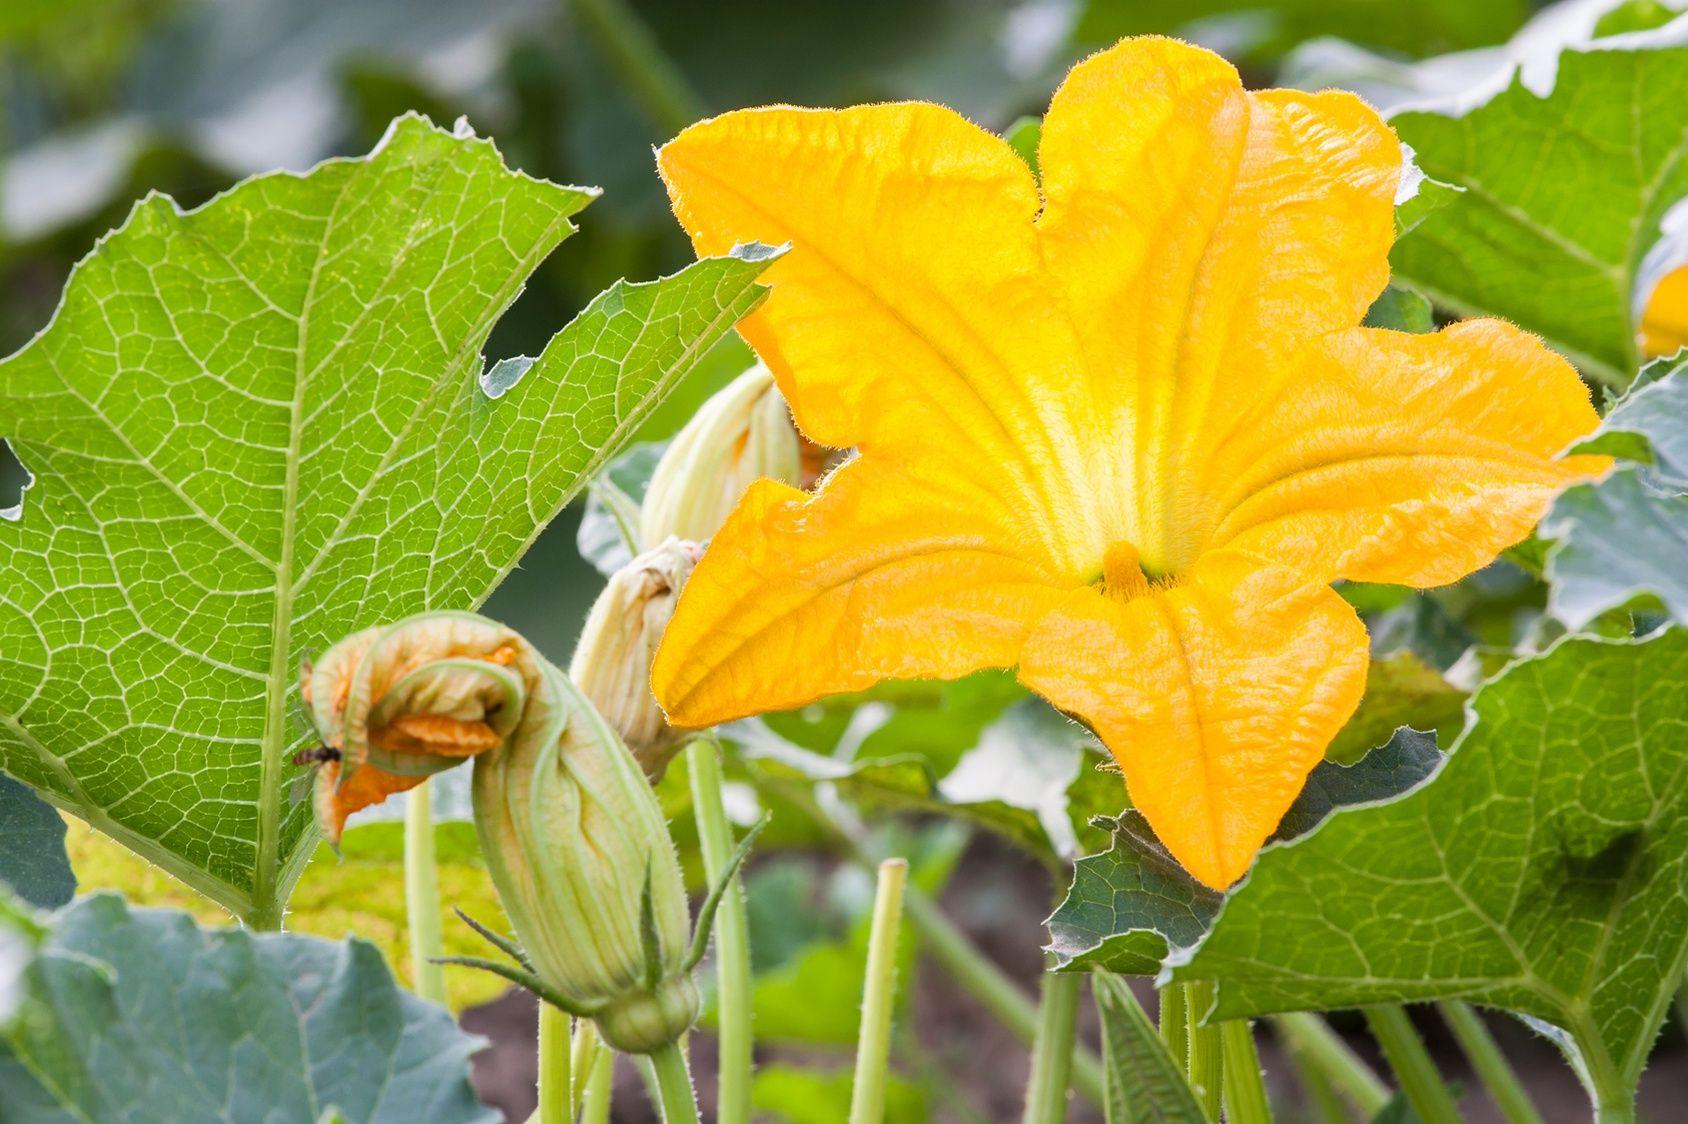 Faire Fuir Les Fourmis les fourmis nuisent-elles aux fleurs de courgette ?